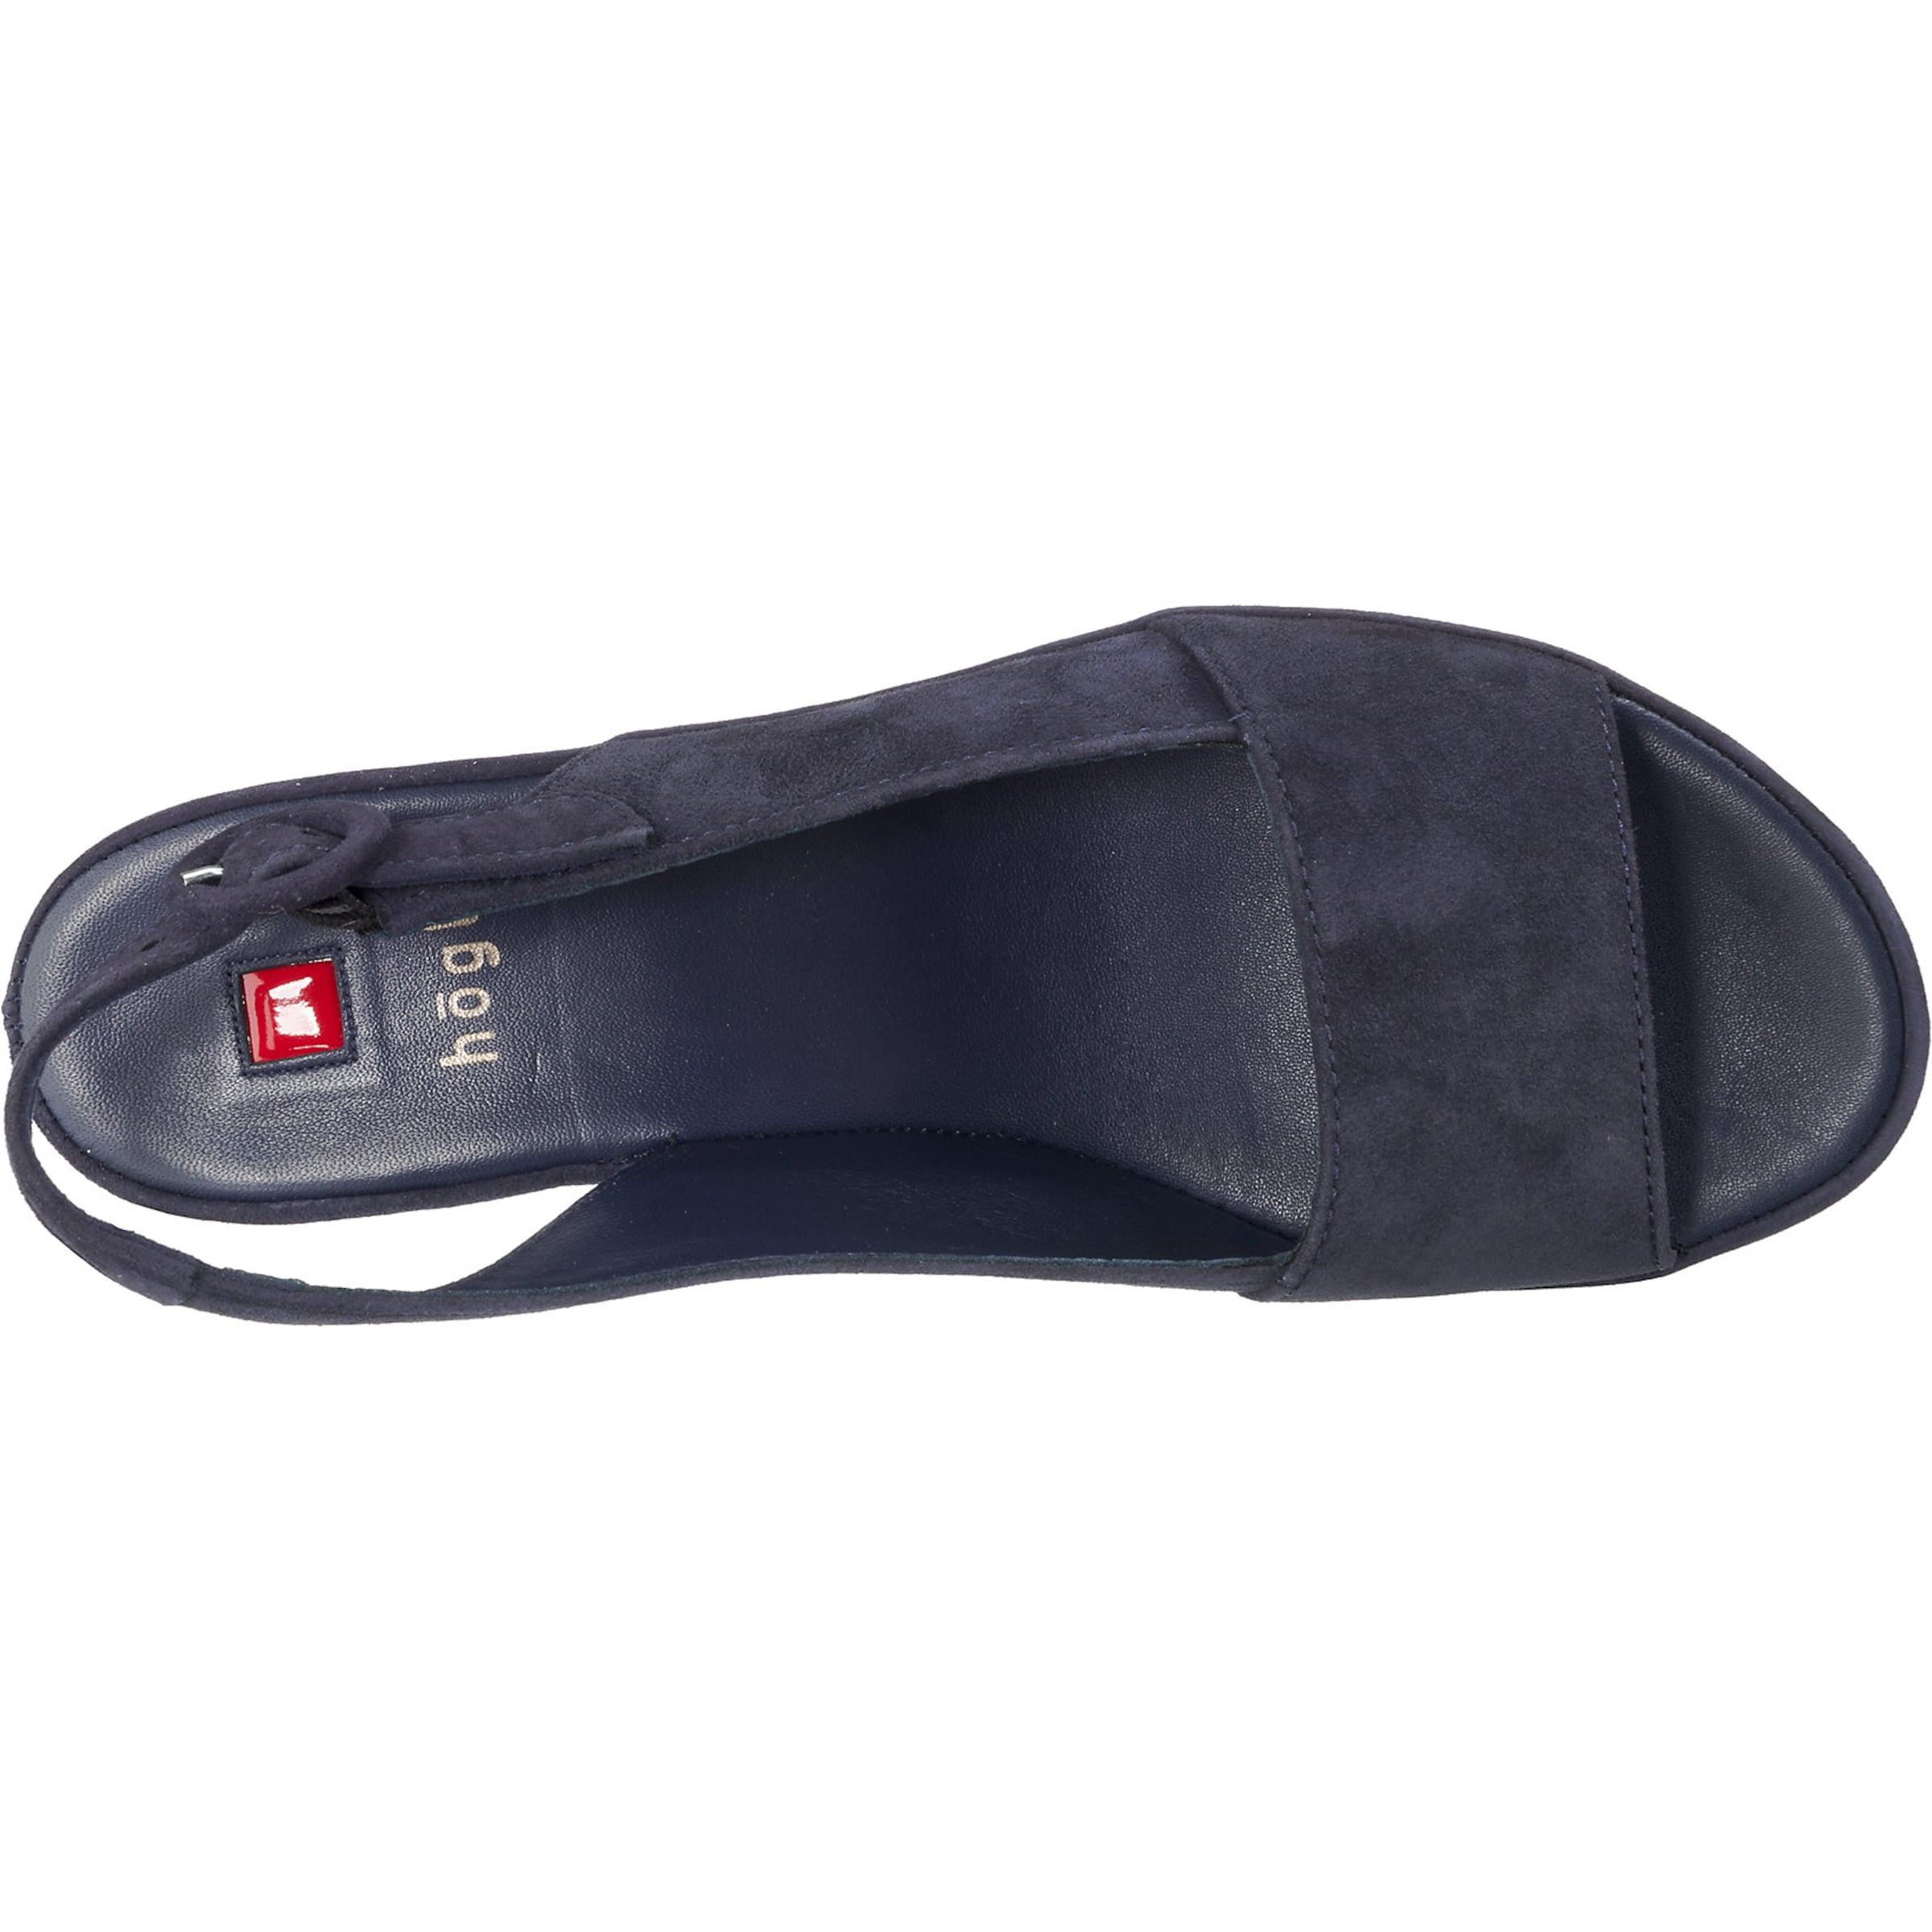 En Högl Marine Sandales Bleu Sandales Högl NOm80vwn